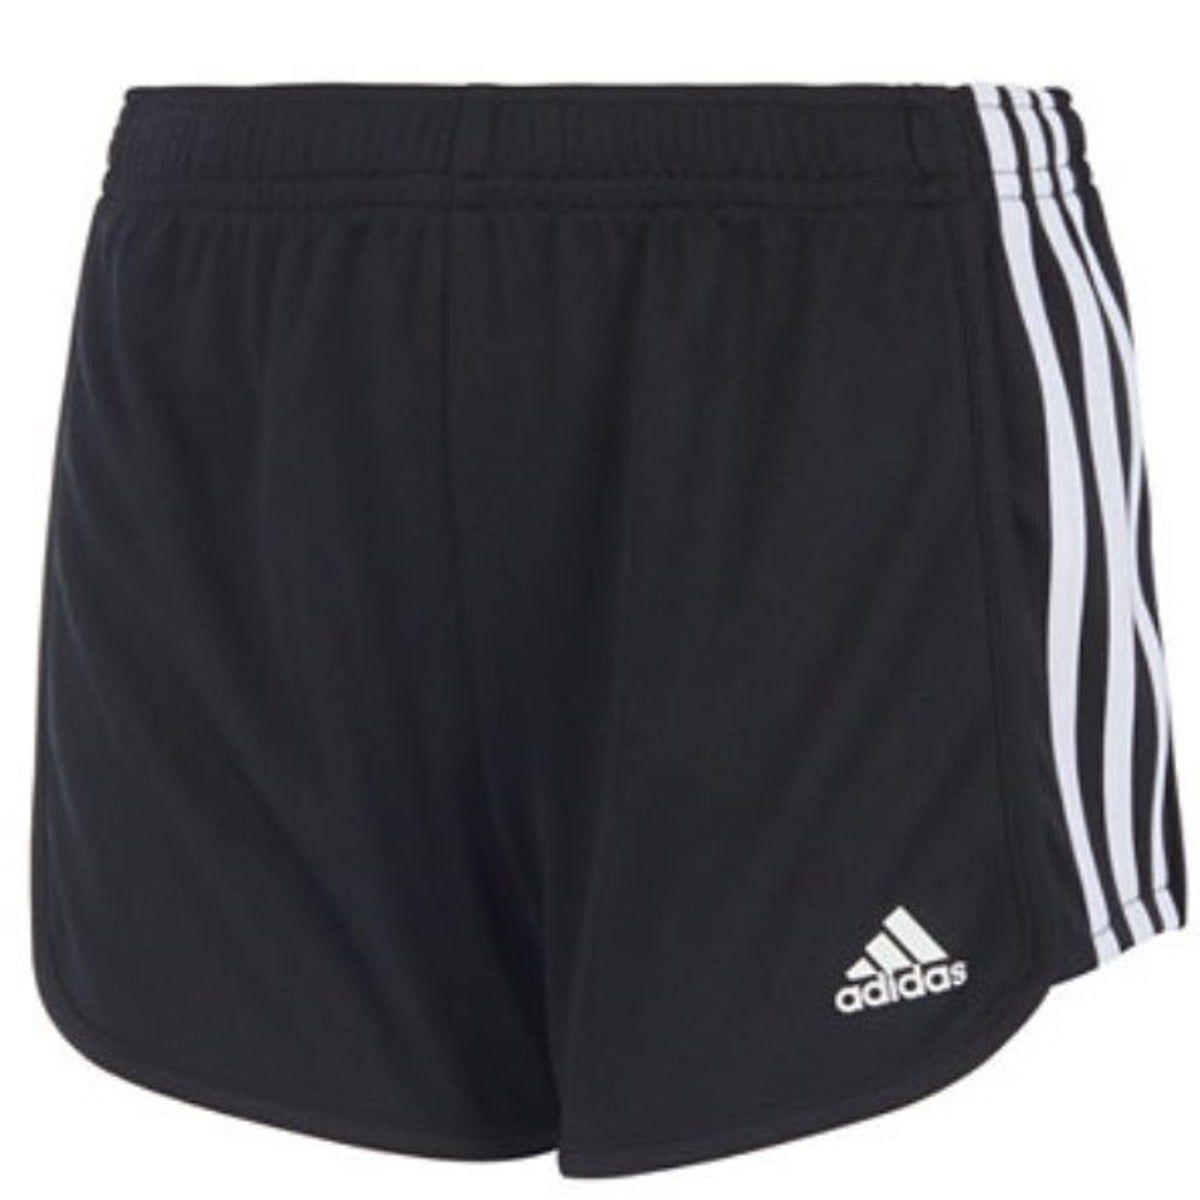 adidas Damen Shorts M10 W